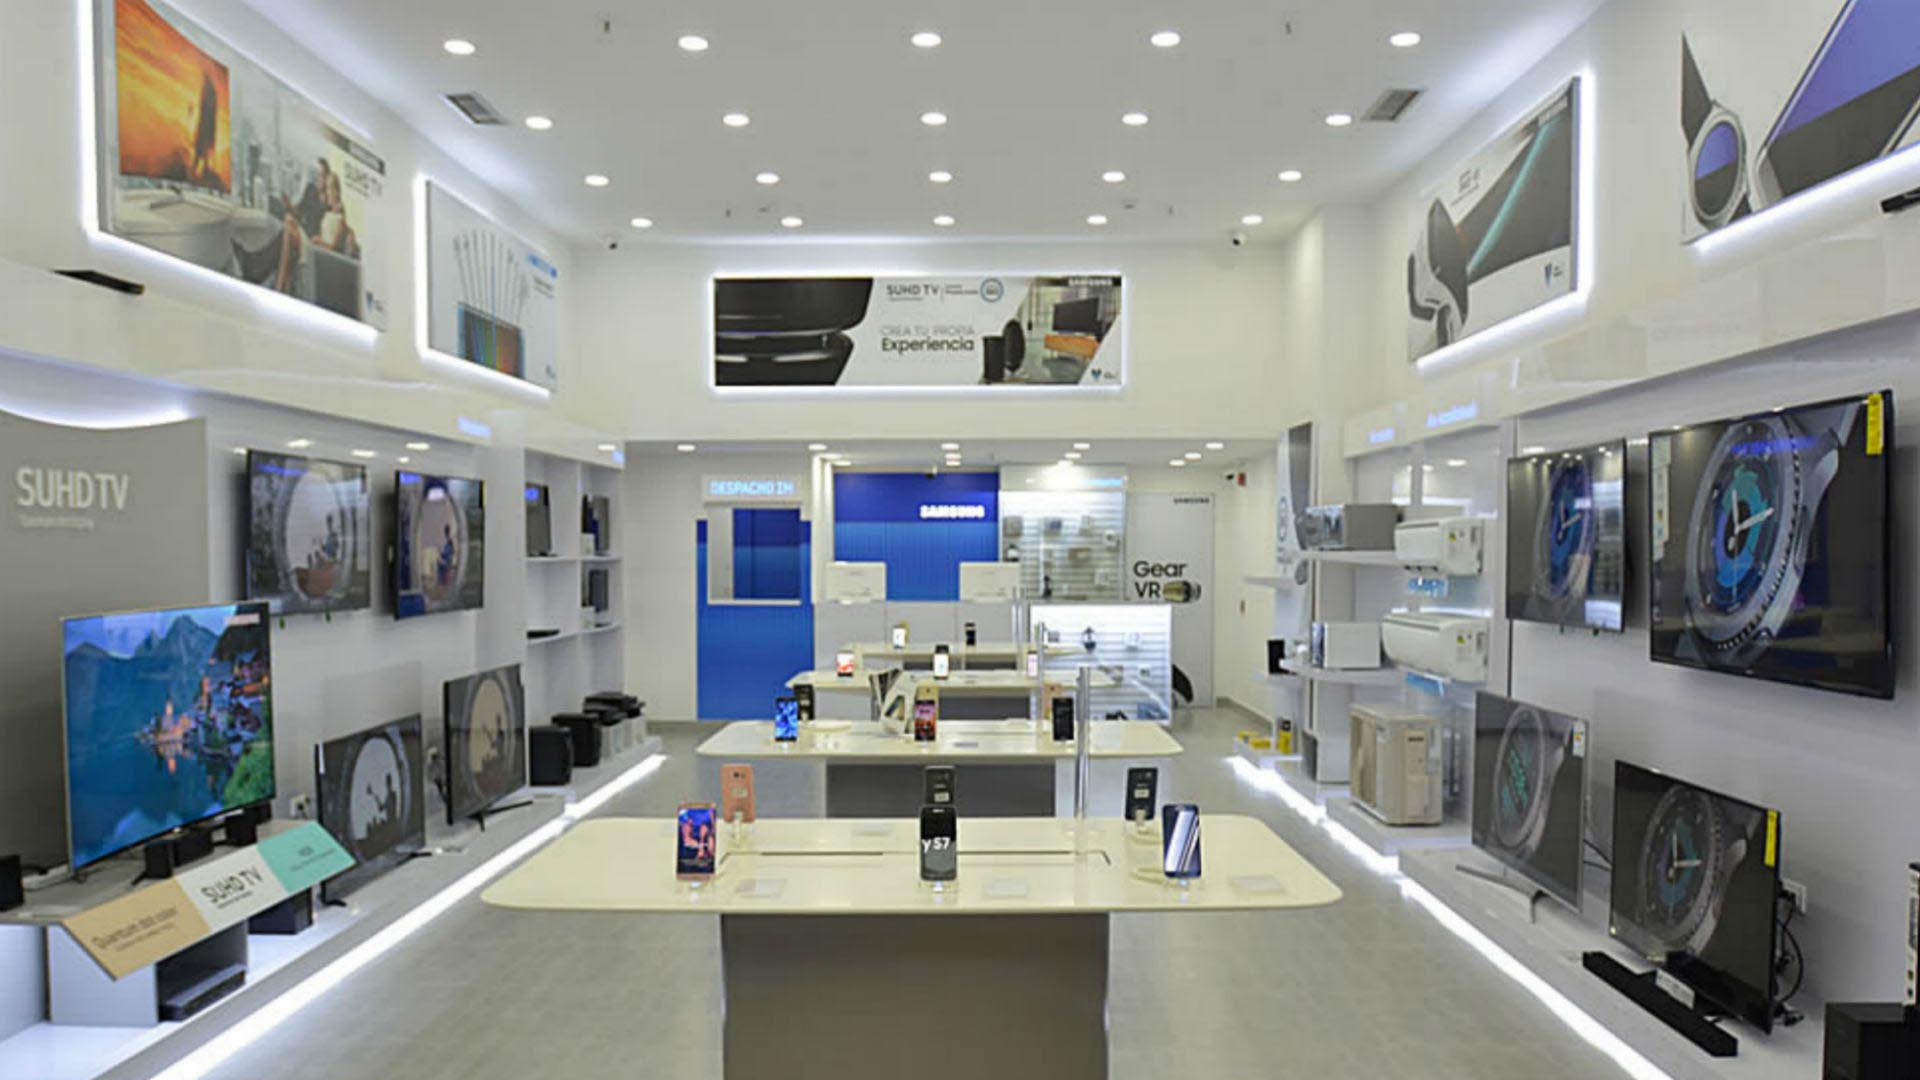 Doble llave - CLX Samsung inauguró nueva tienda en Falcón